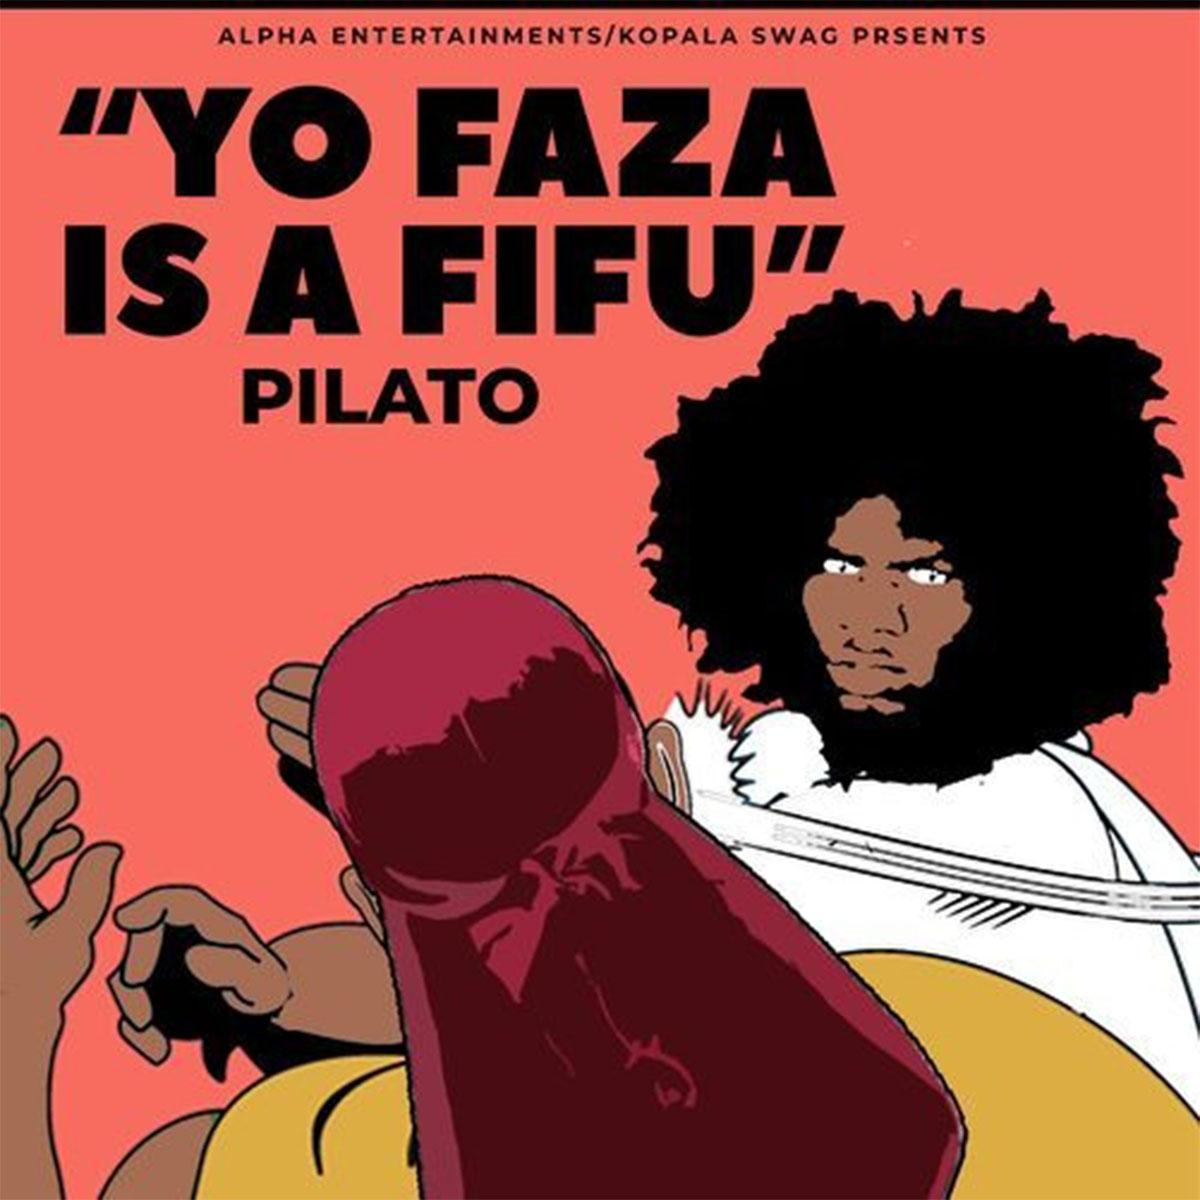 PilAto - Yo Faza Ize Fifu